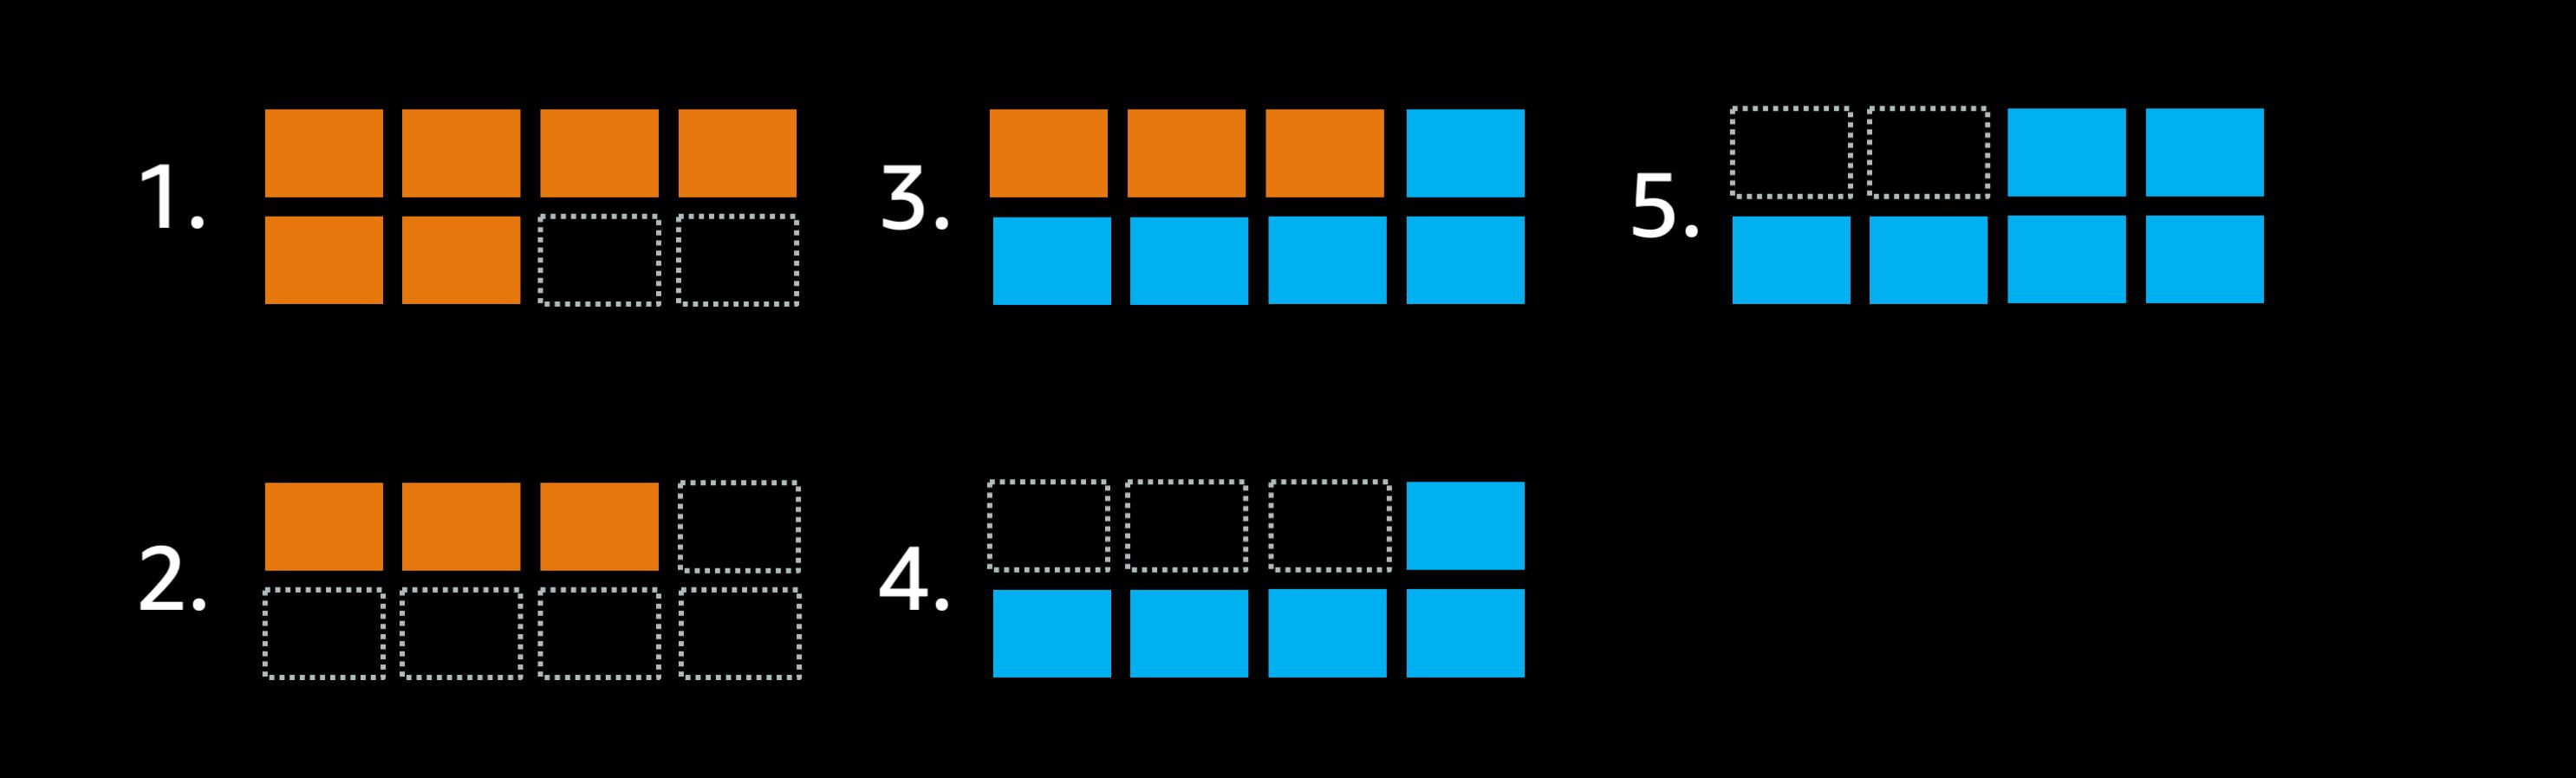 最大8タスク配置可能なクラスタで minimumHealthyPercent = 50% に設定した場合